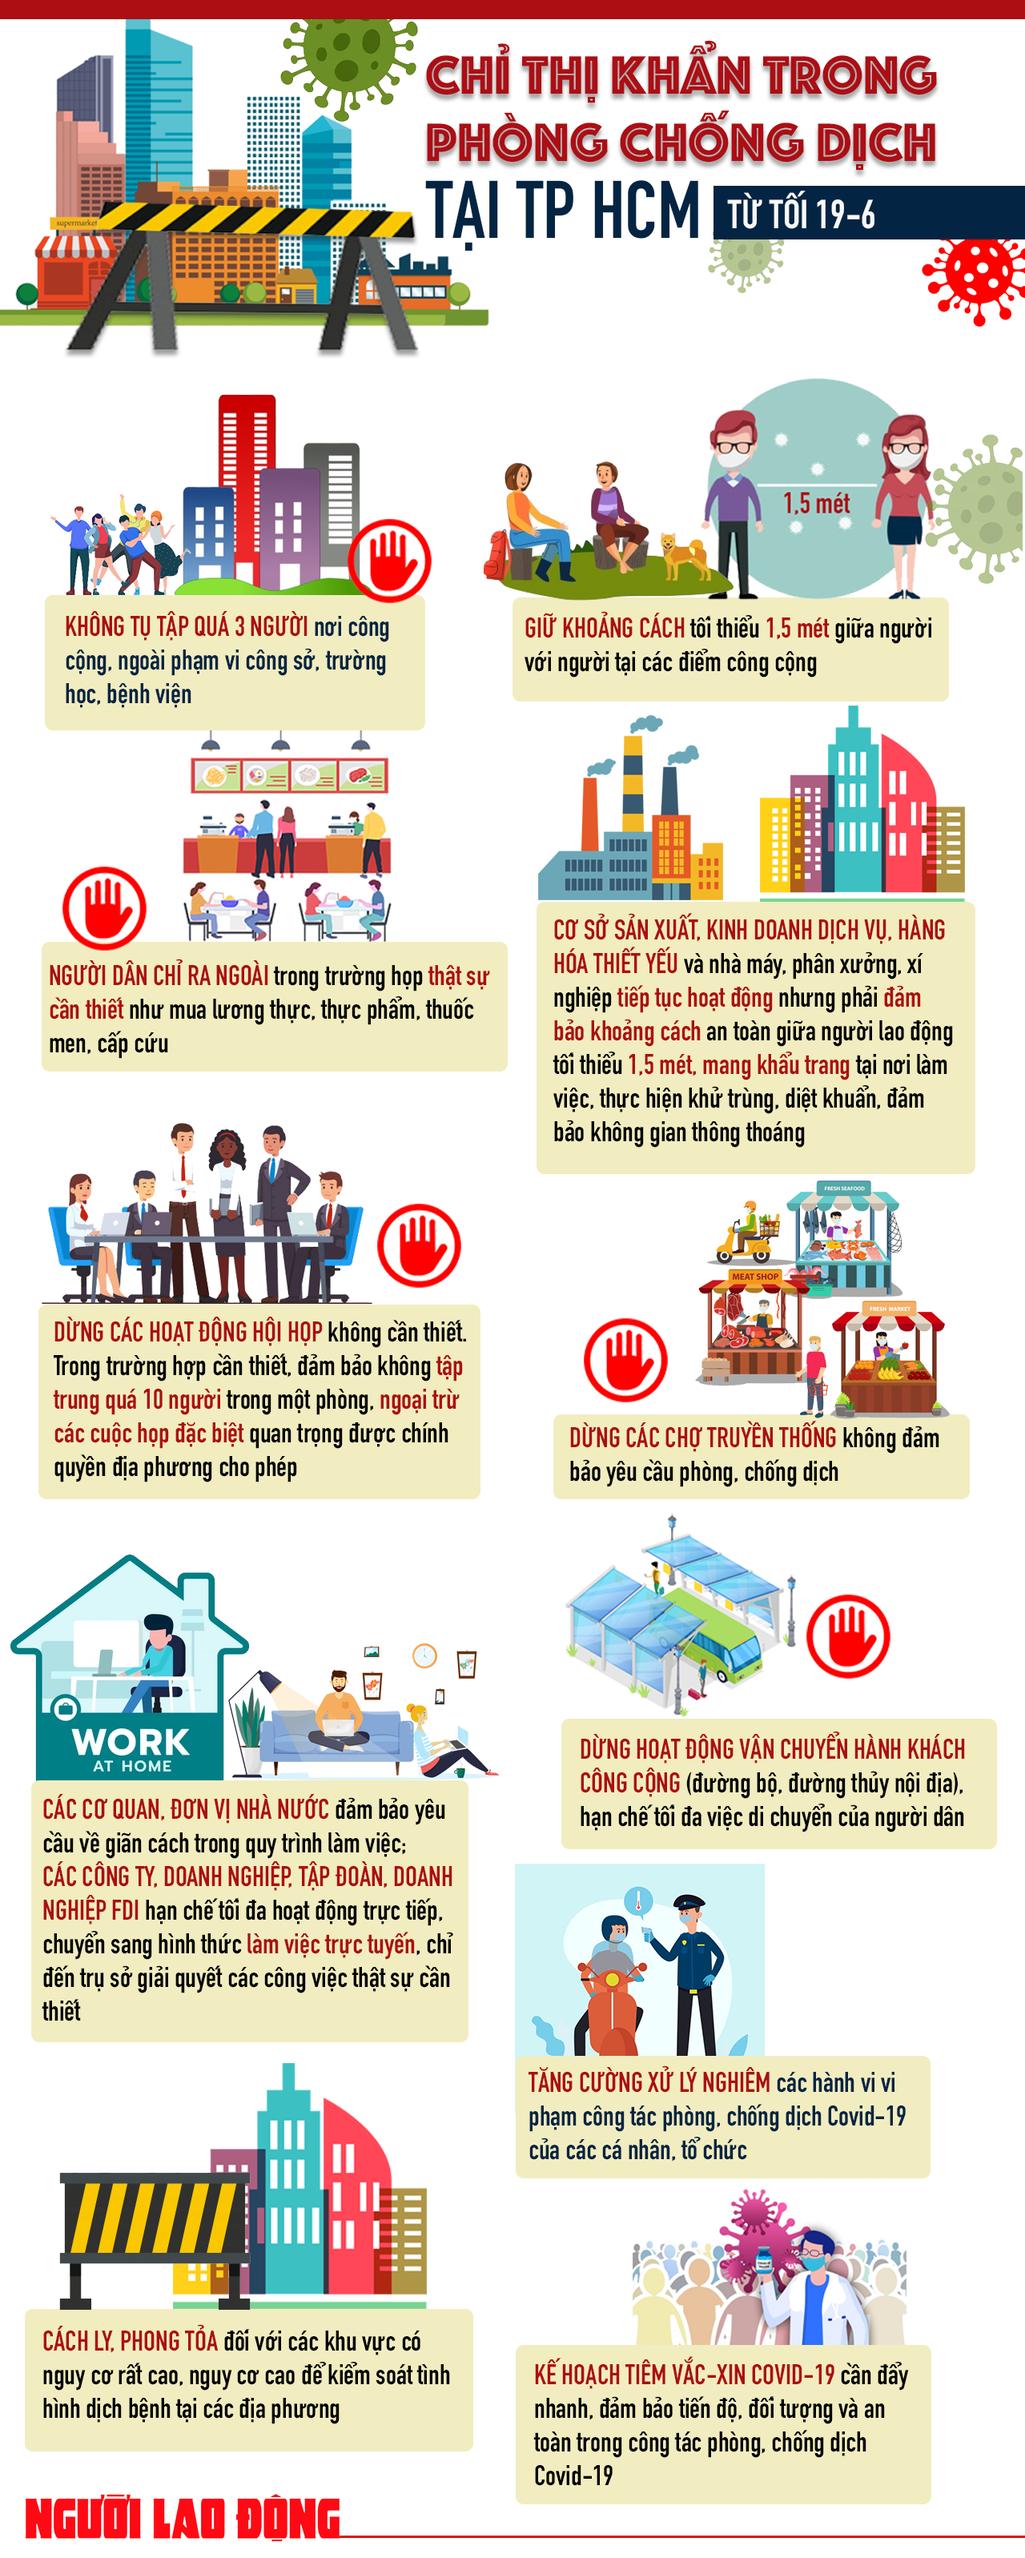 Chỉ thị 10 của TP HCM quy định những gì mà người dân cần phải biết?  - Ảnh 1.